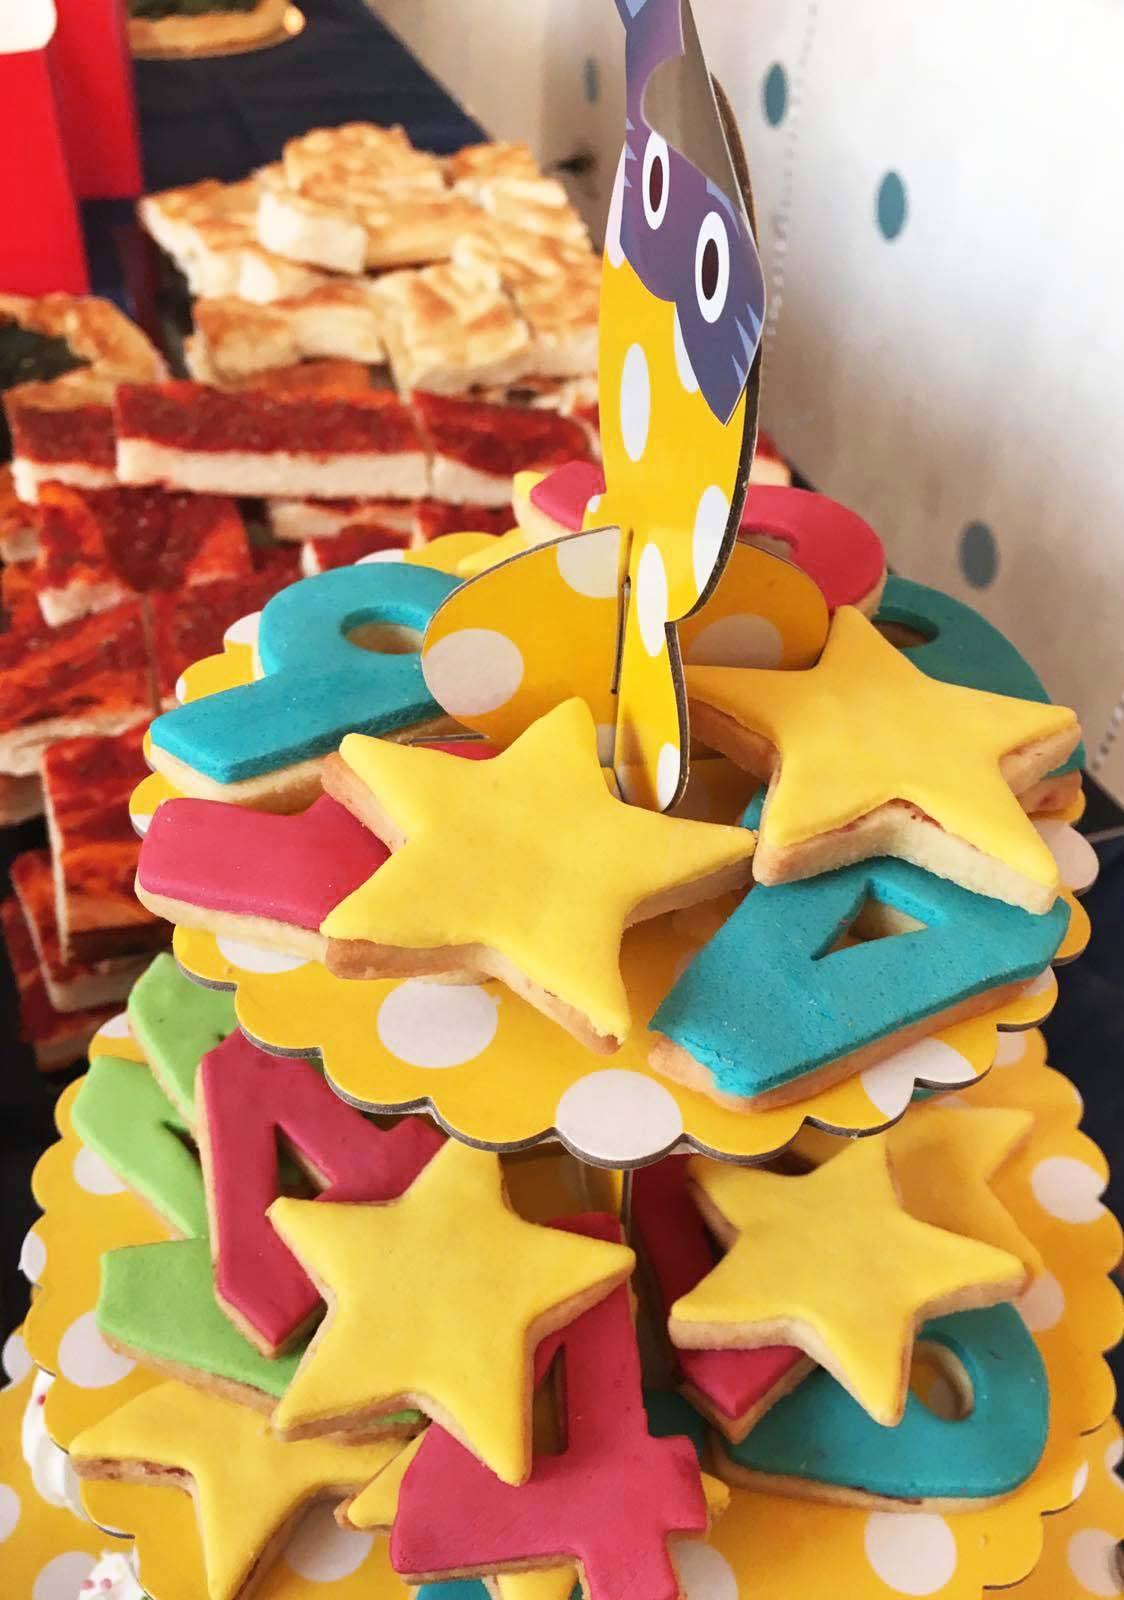 10 Biscotti Decorati Per Compleanno Bambini